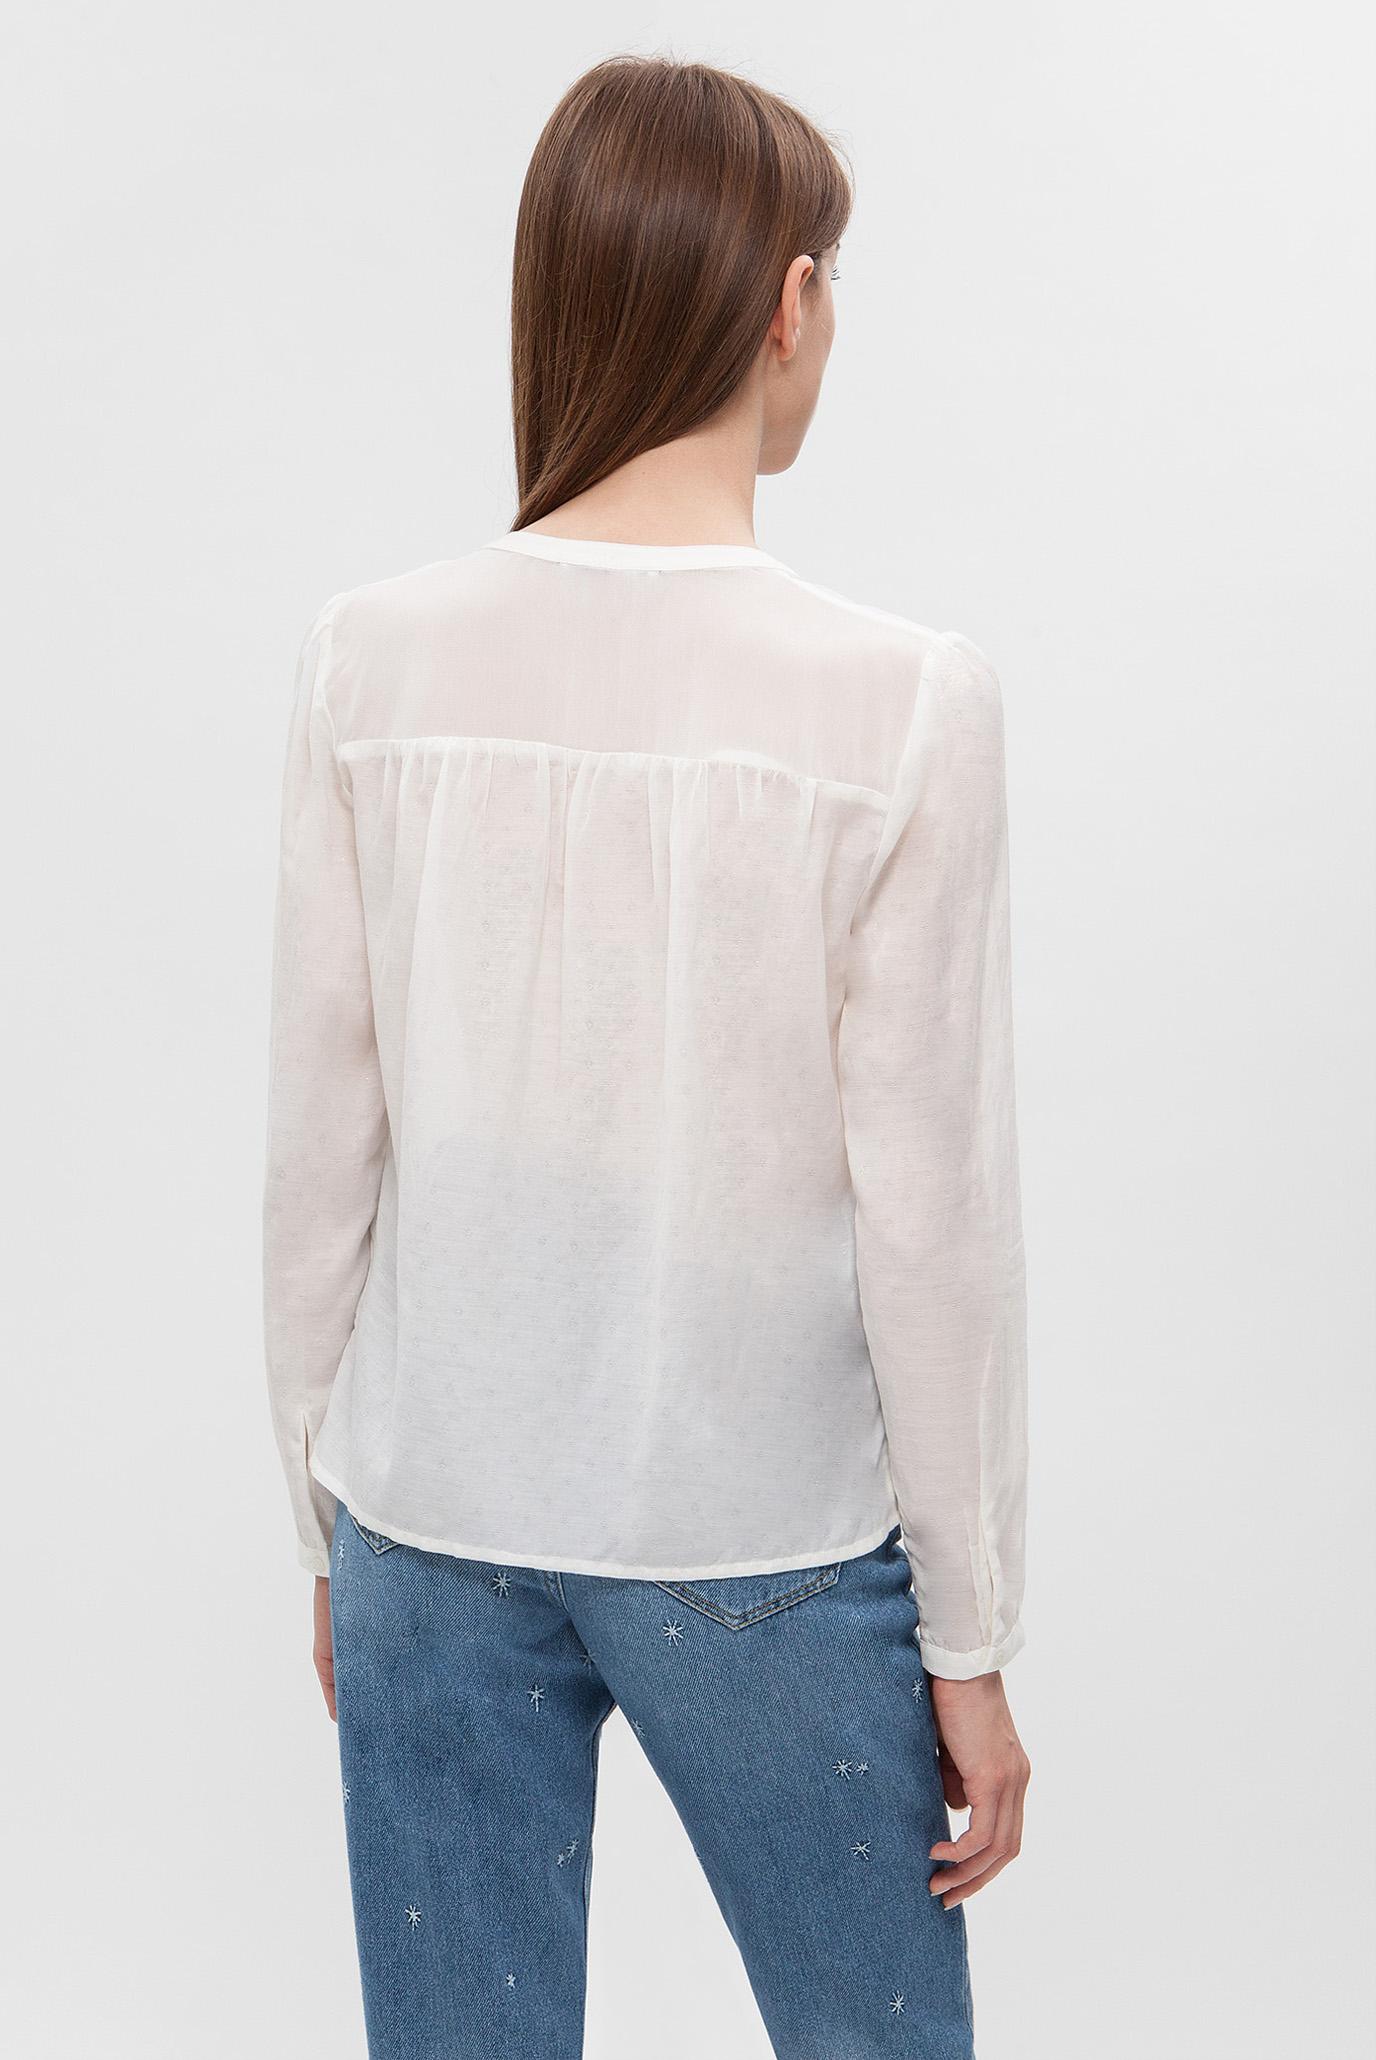 Купить Женская белая блуза Tommy Hilfiger Tommy Hilfiger DW0DW04200 – Киев, Украина. Цены в интернет магазине MD Fashion